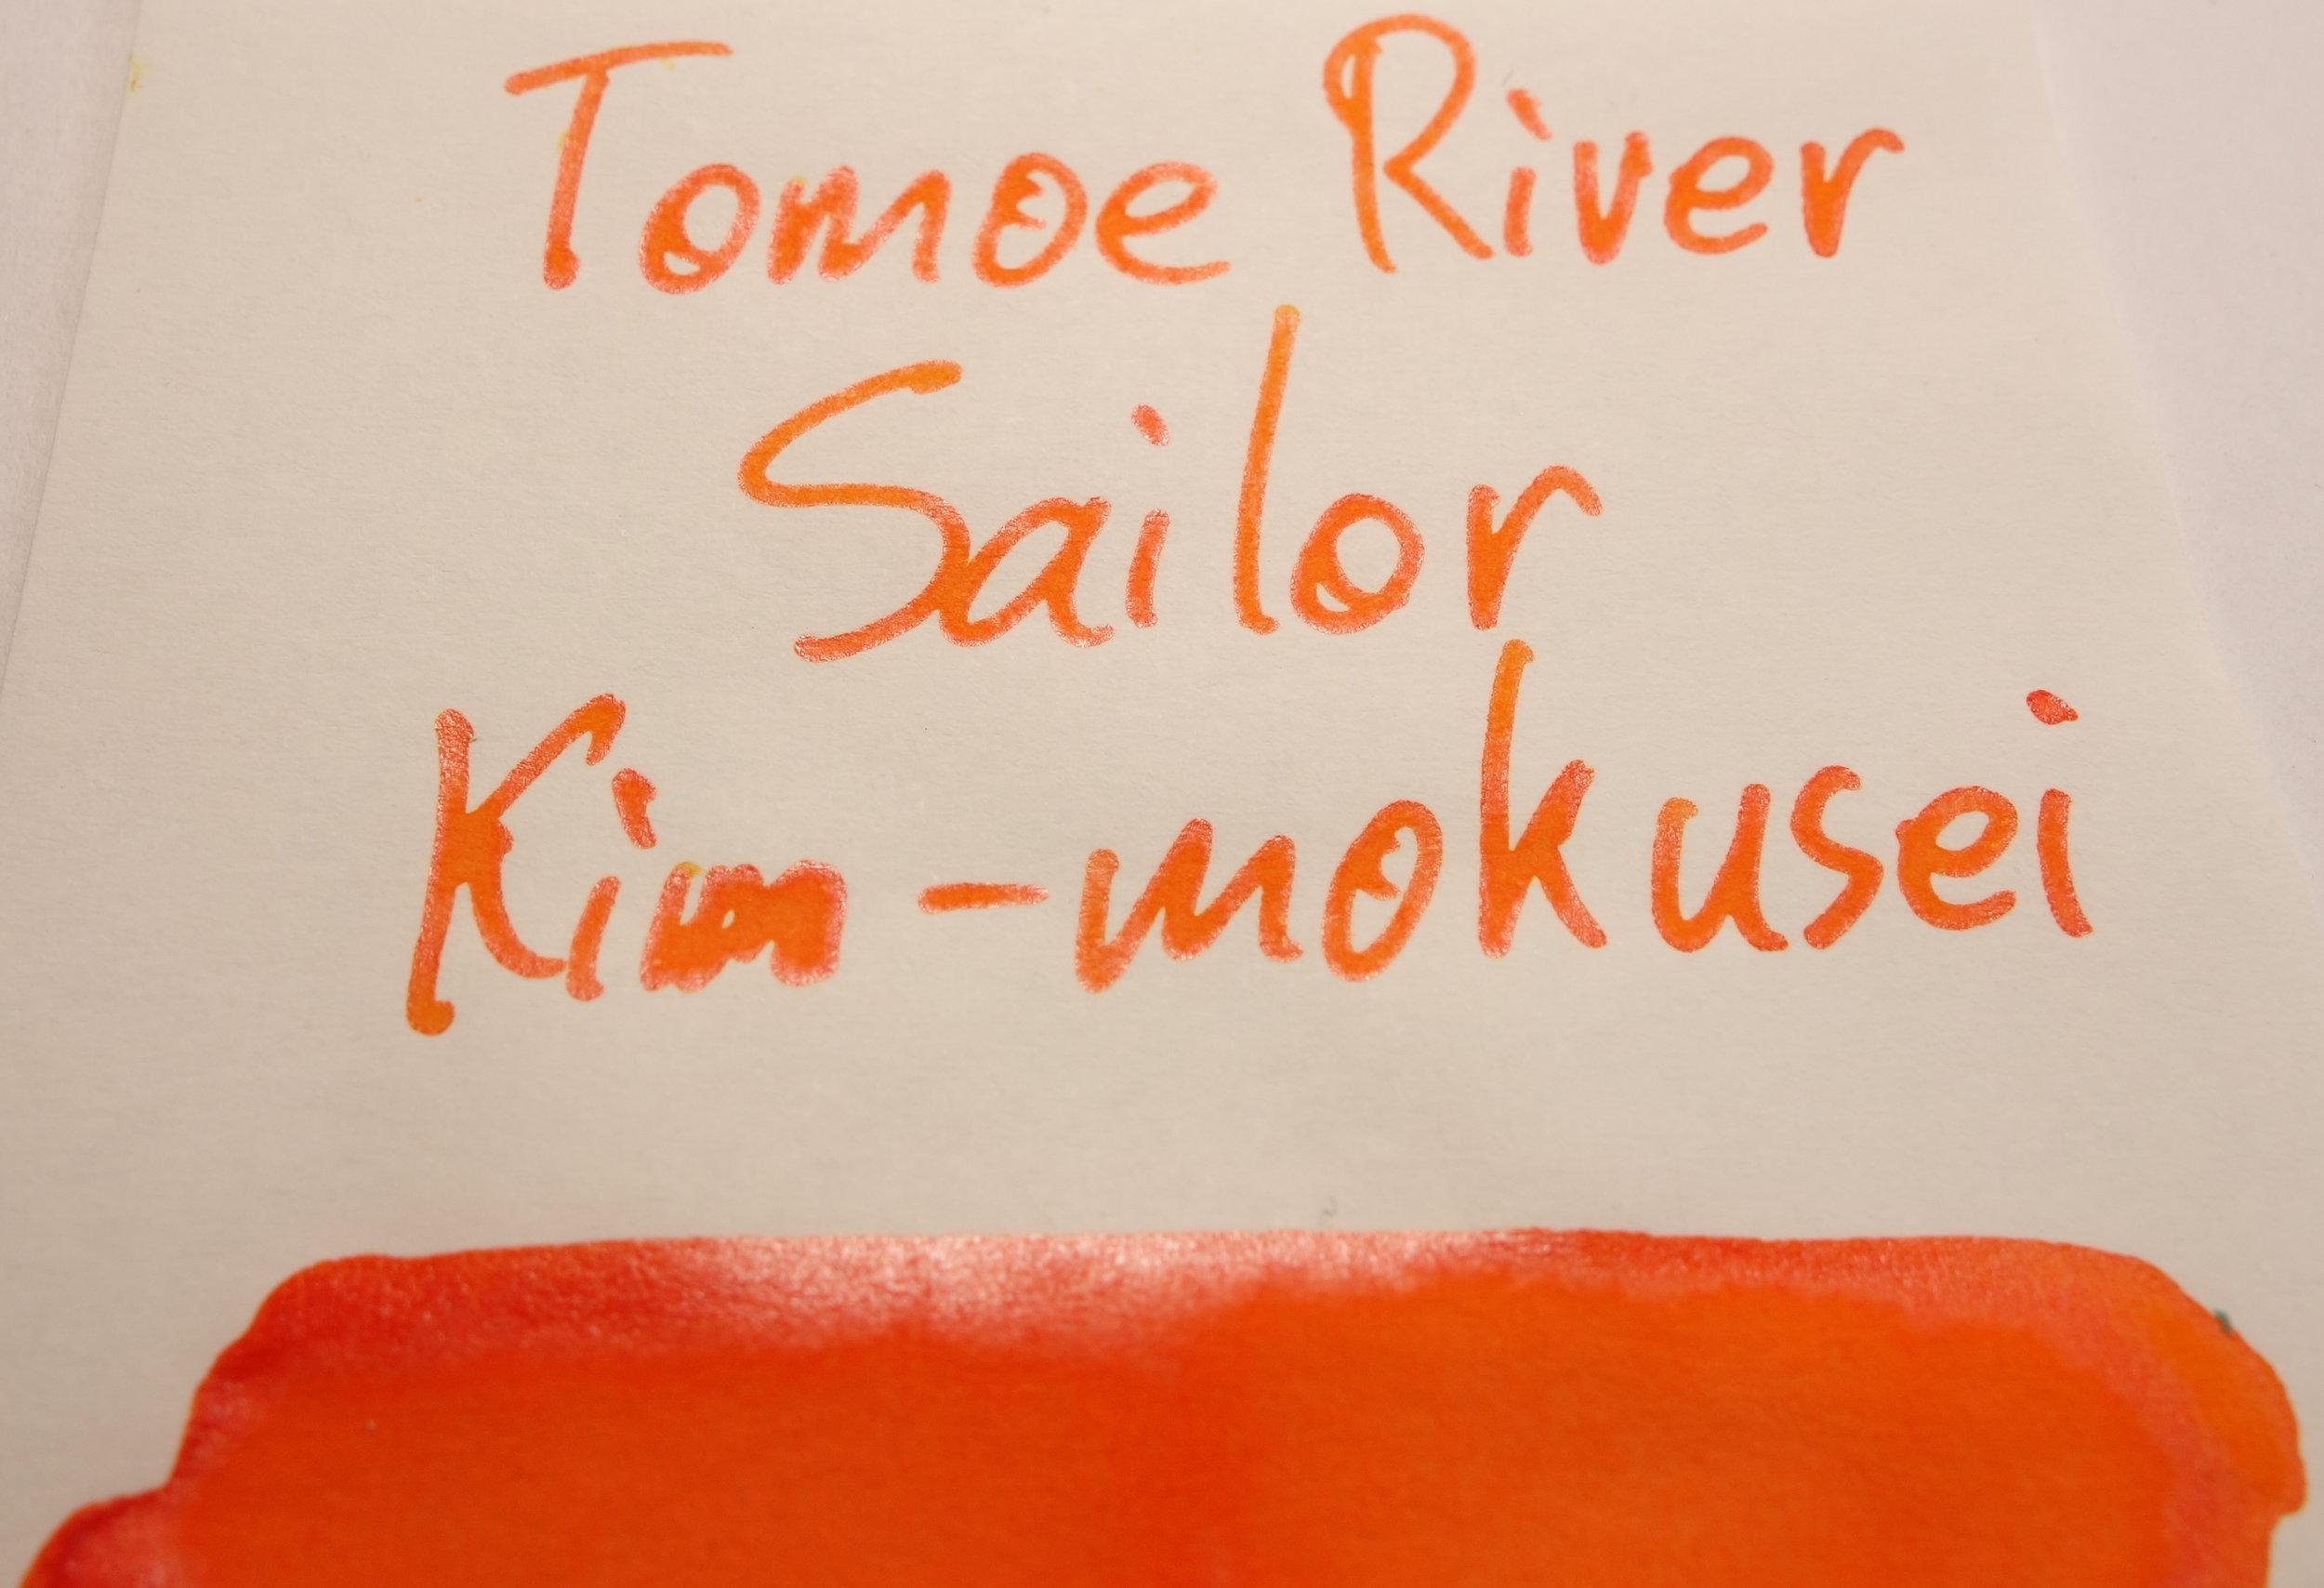 Sailor Kin-mokusei Sheen Tomoe River.JPG